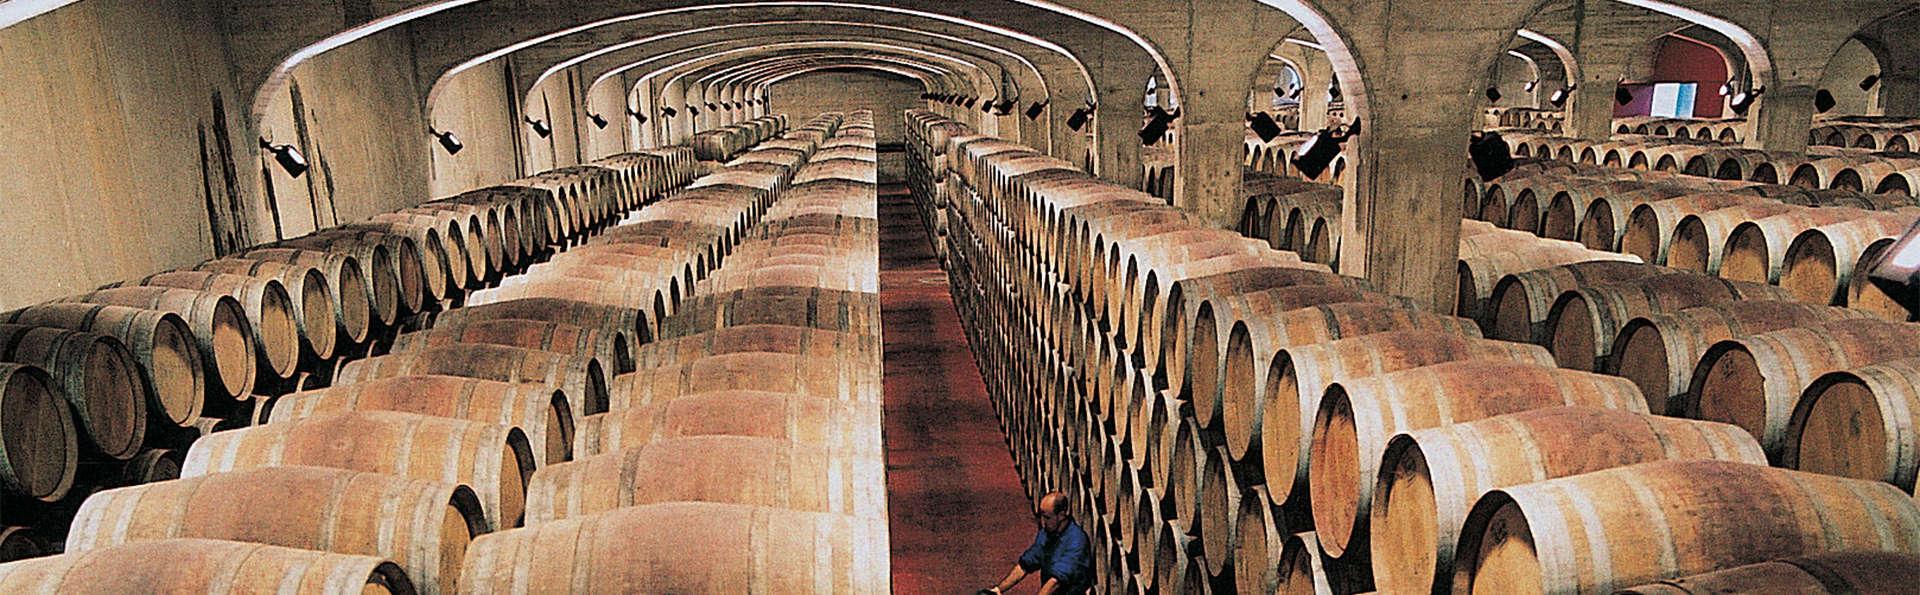 Culture, gastronomie et œnologie dans la province de la Rioja.